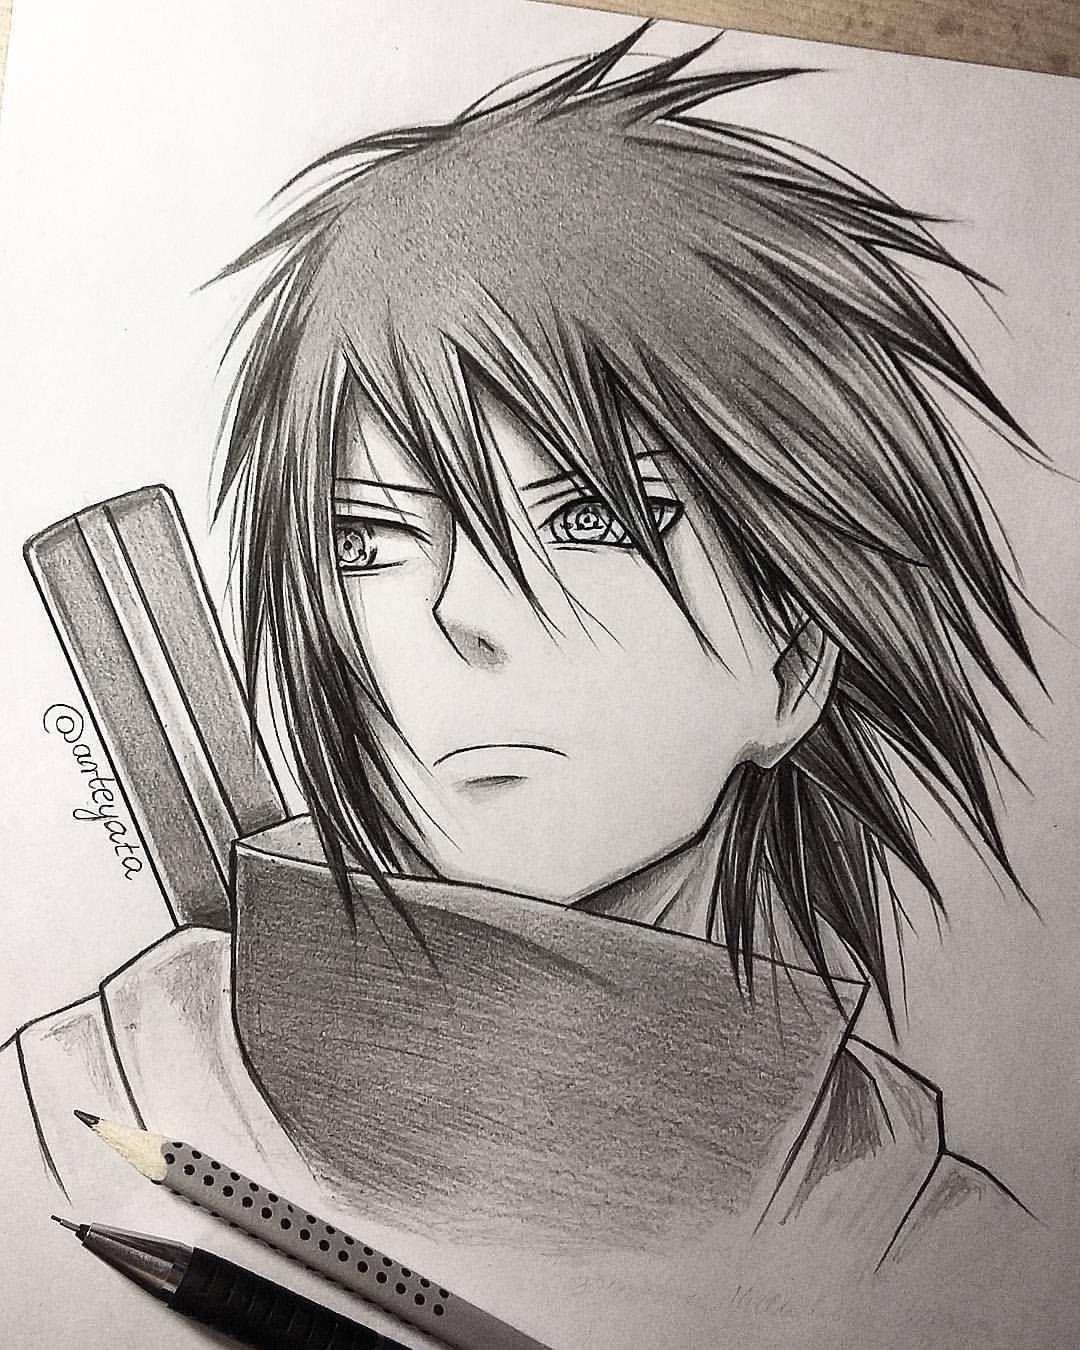 Desenho Incrivel Do Sasuke Feito A Lapis Estiloso Clique No